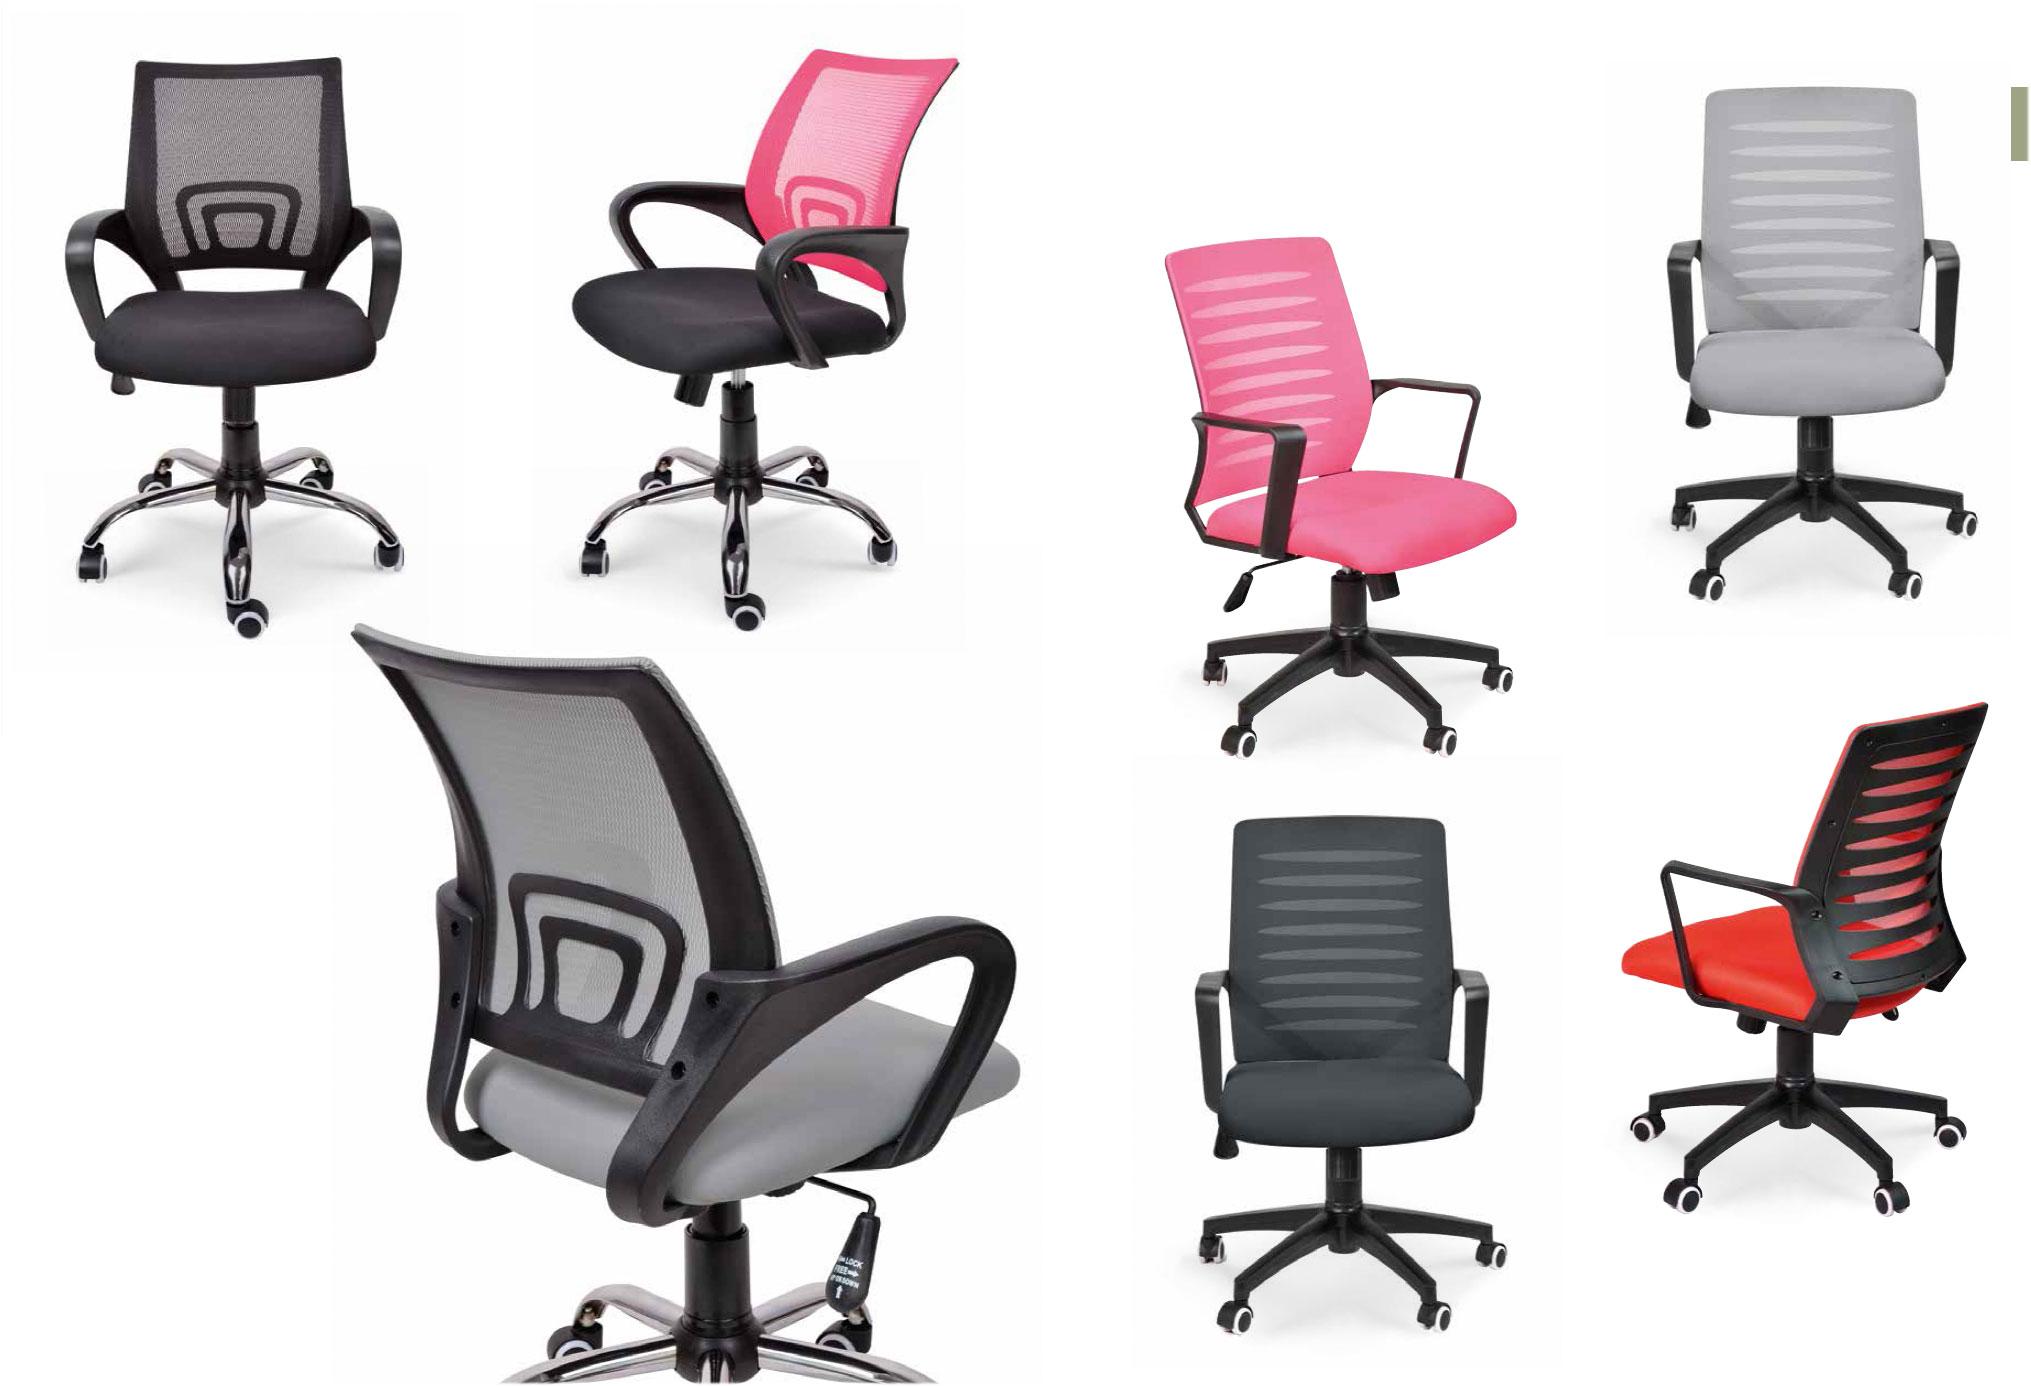 Tipos de Sillas escritorio Muebles Toscana